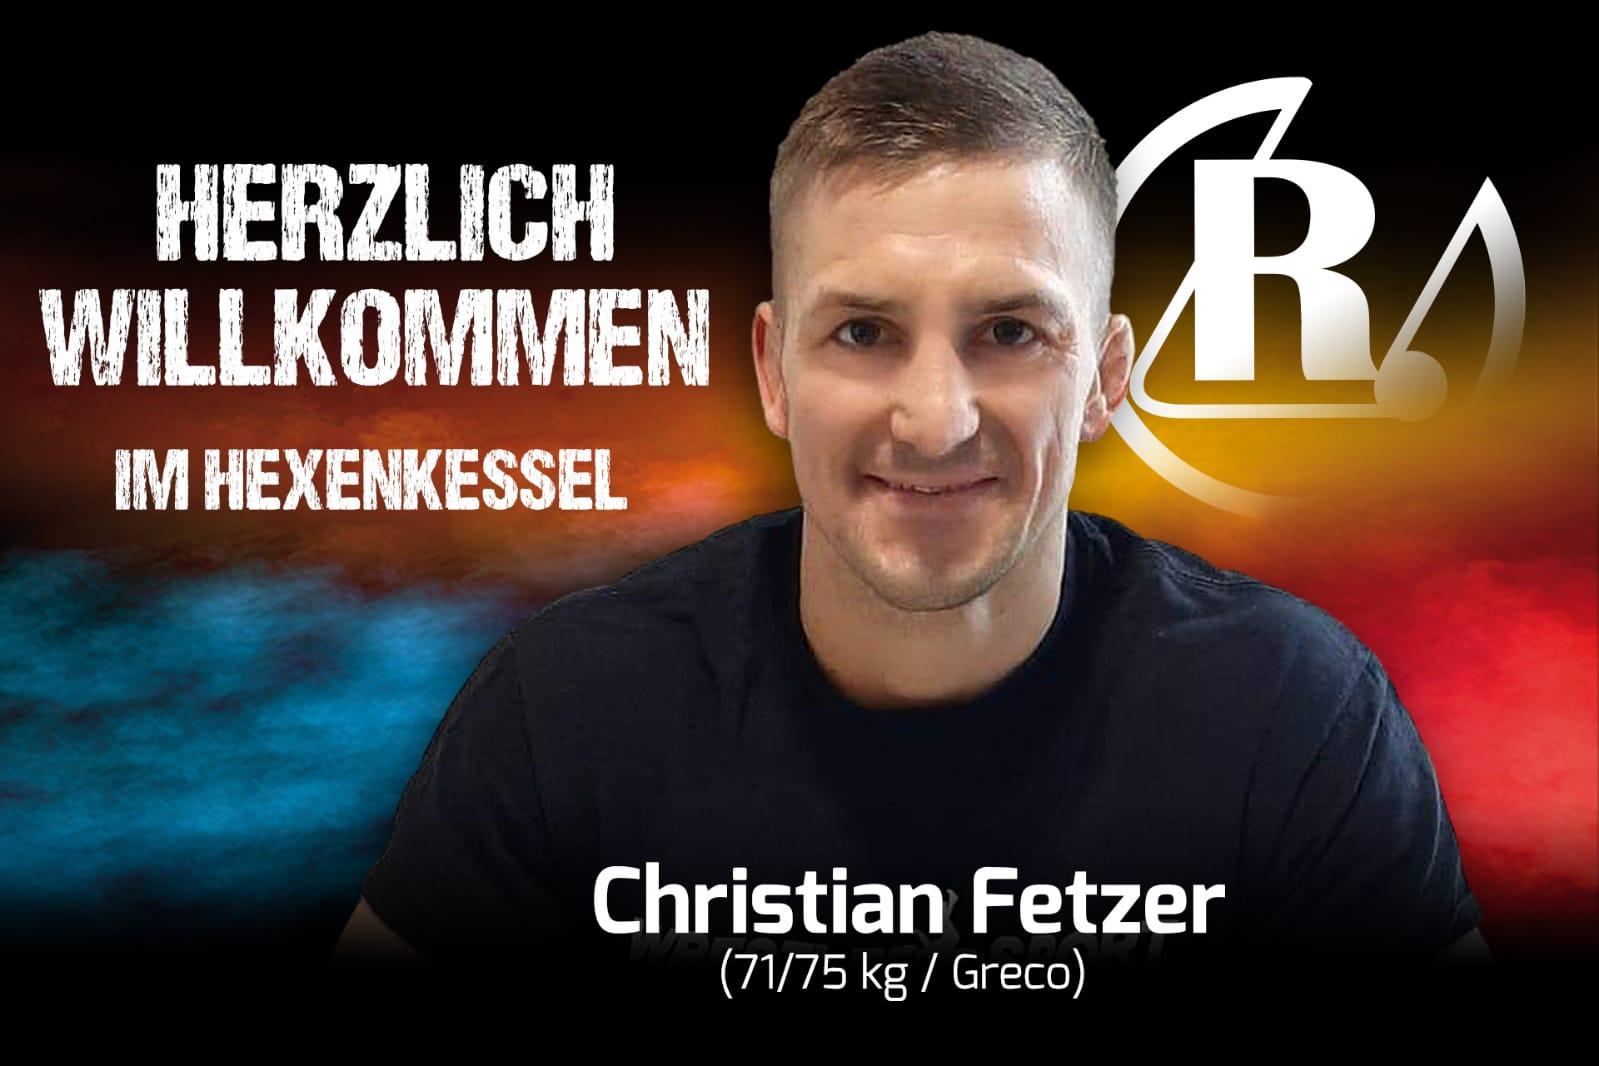 Christian Fetzer